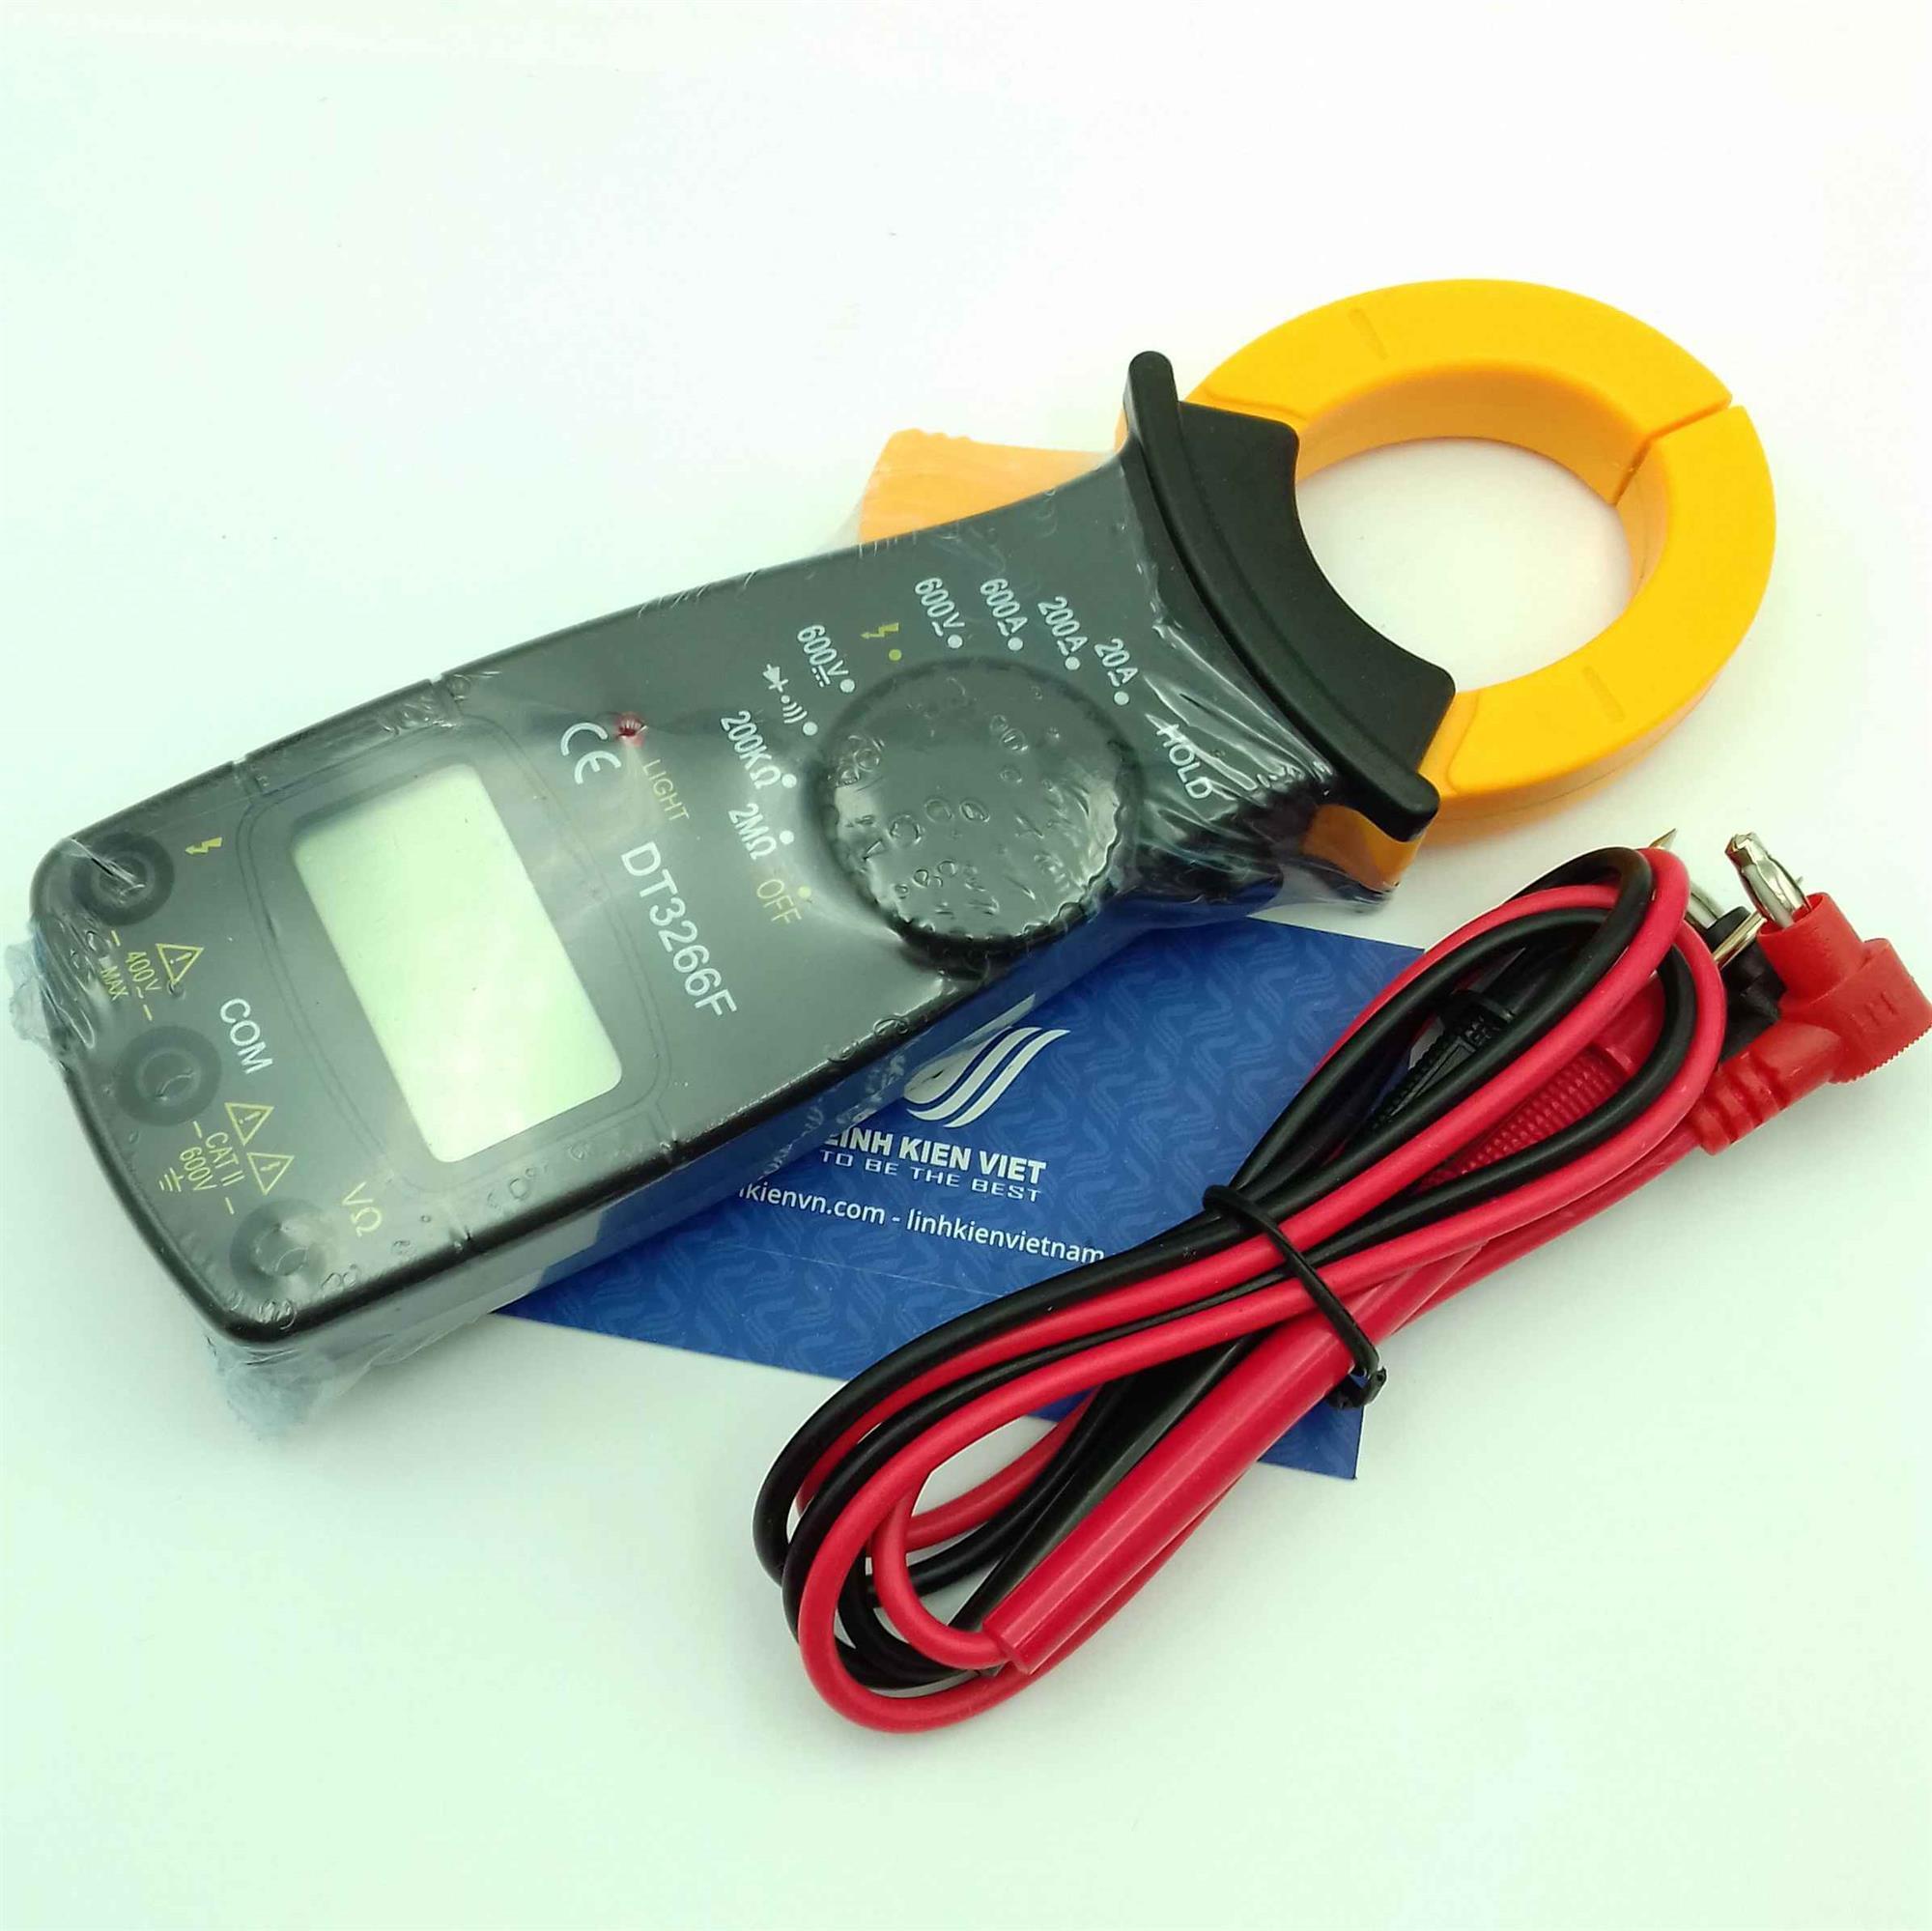 Ampe kìm DT3266L / đồng hồ kẹp dòng DT3266F  - KHO B